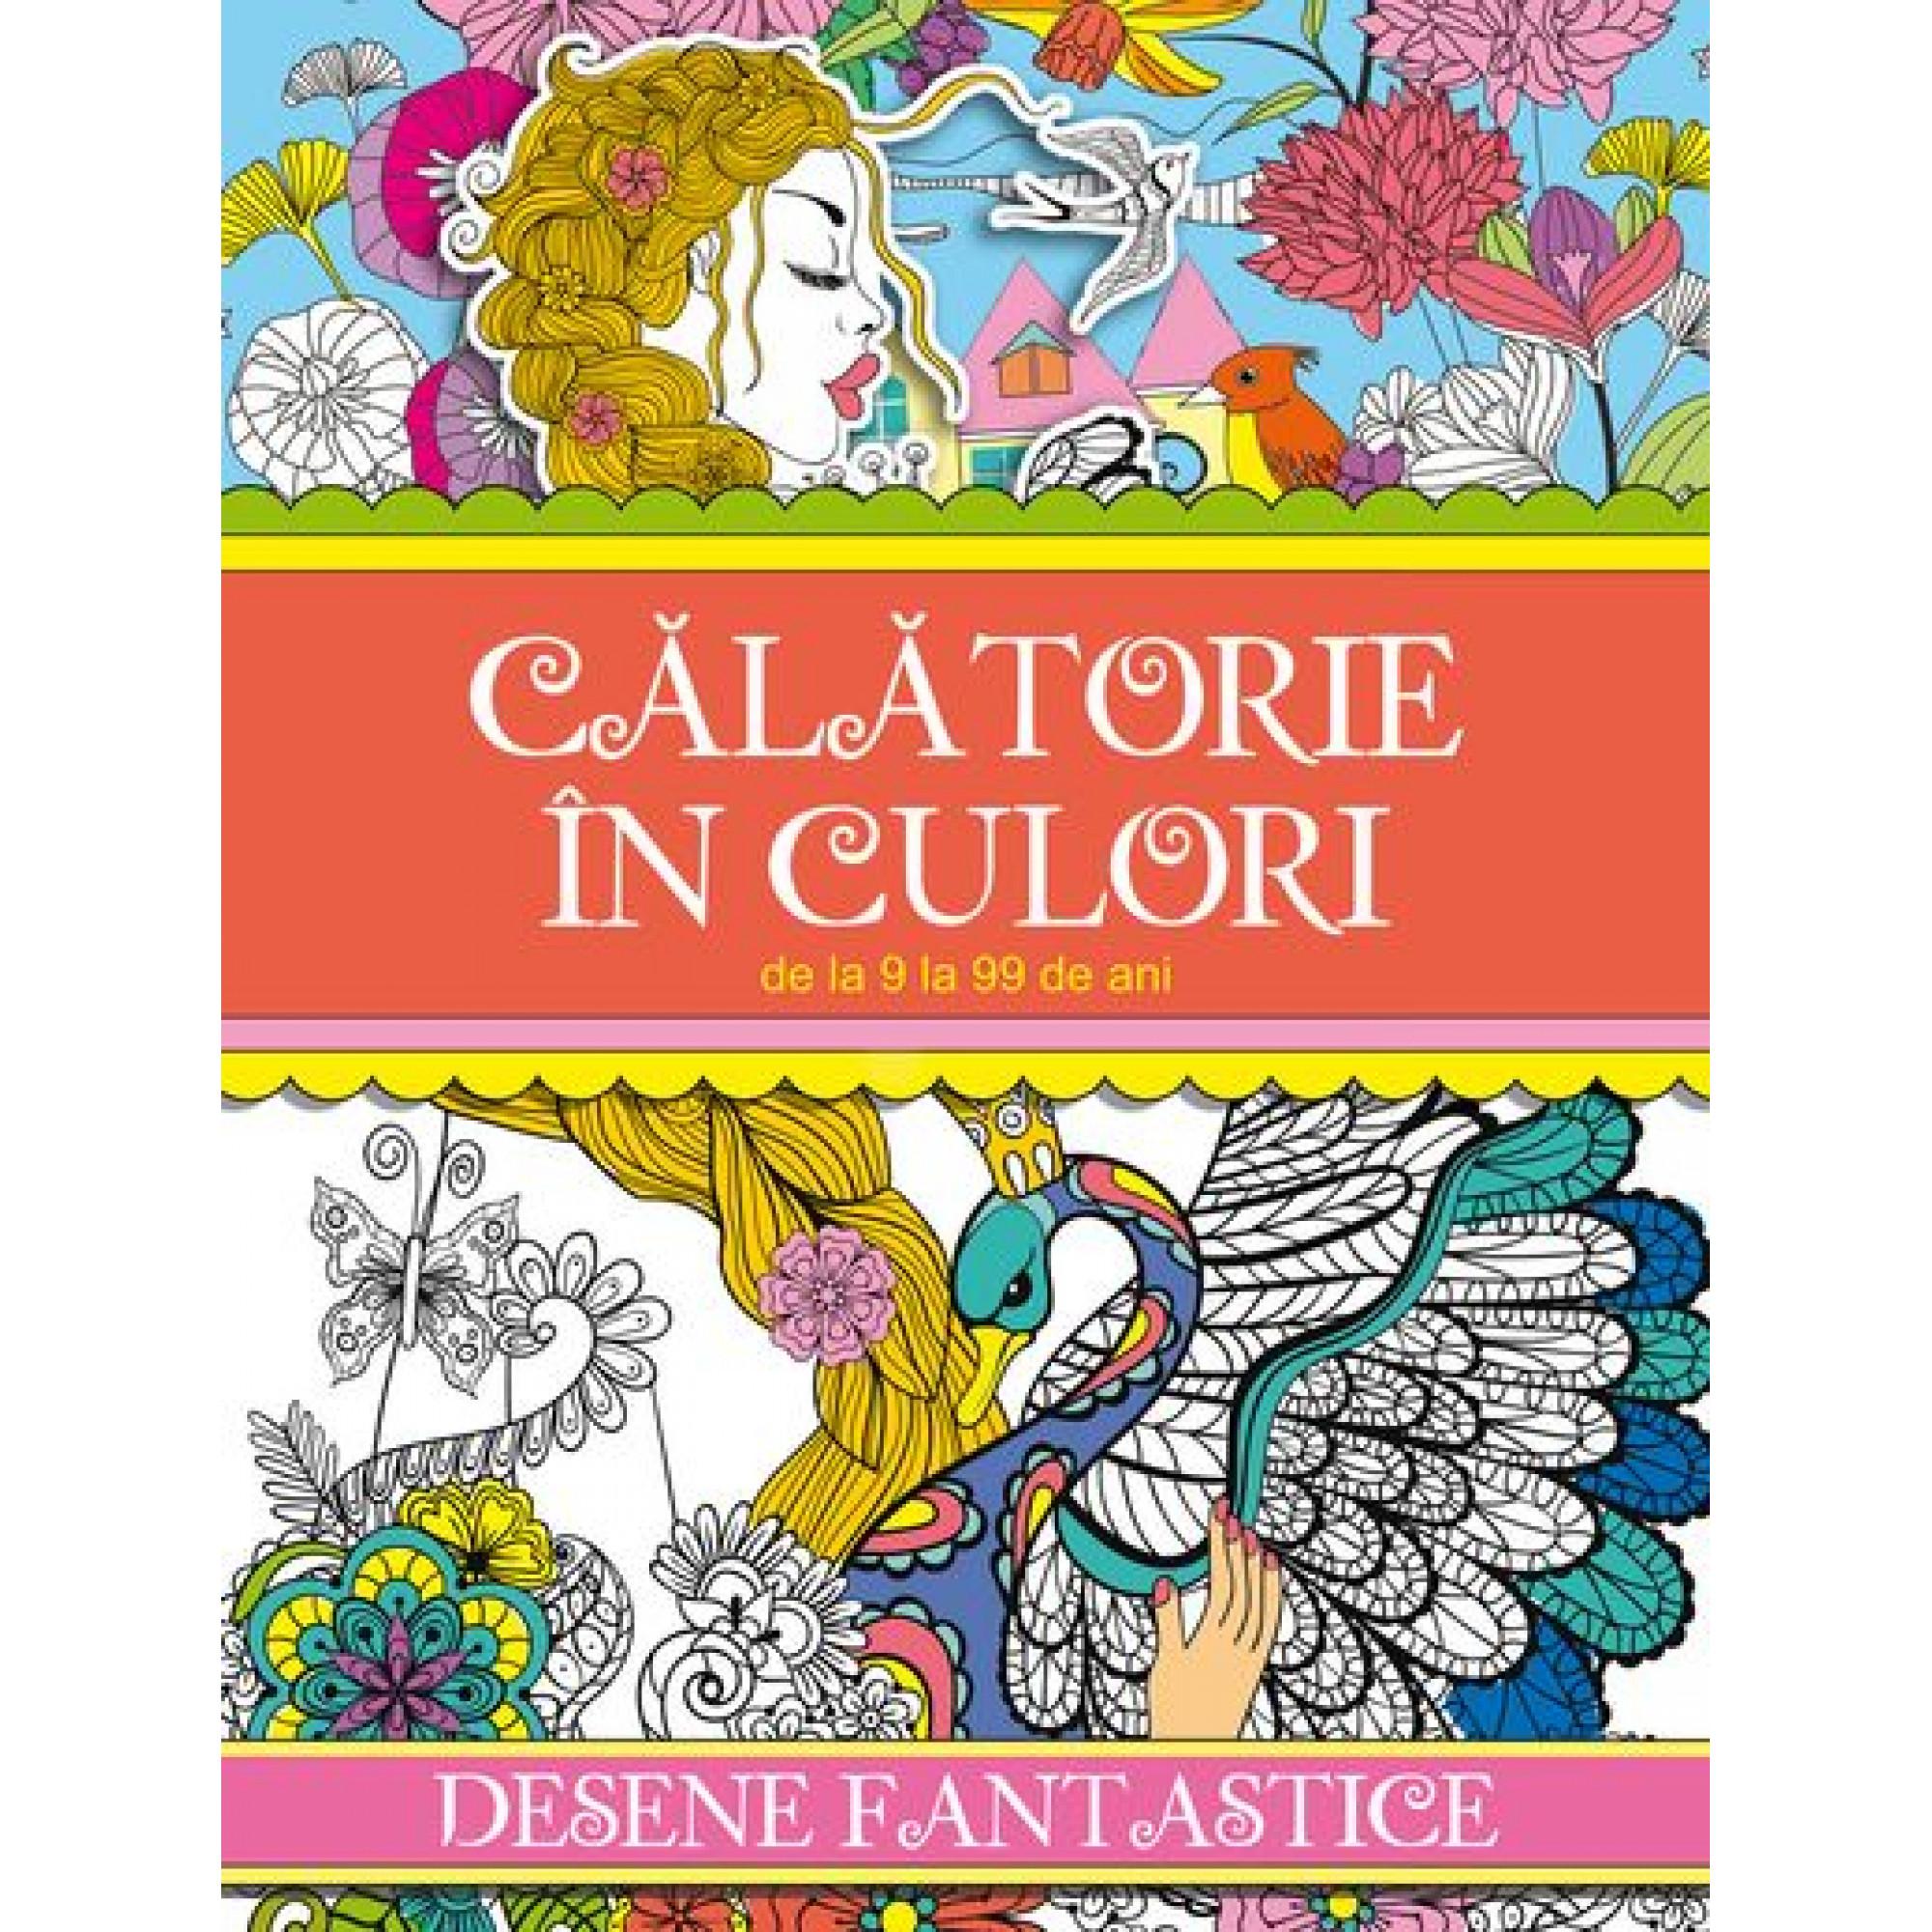 Călătorie în culori. Desene fantastice - Carte de colorat